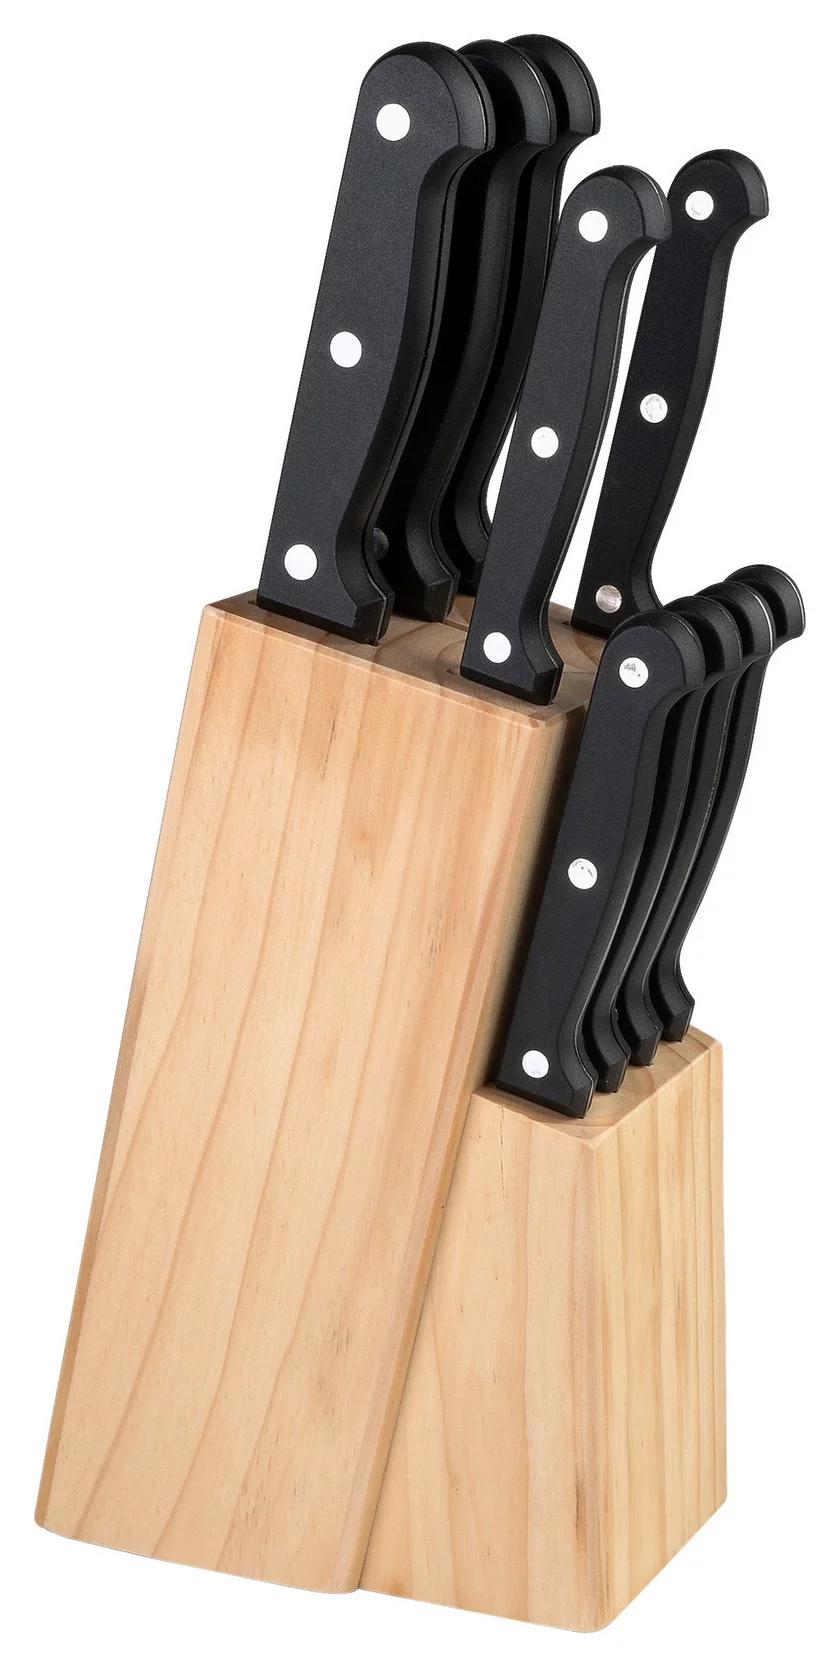 Justinus Messerblock Küchenchef 10-Teile Messer aus Edelstahl UVP:79€